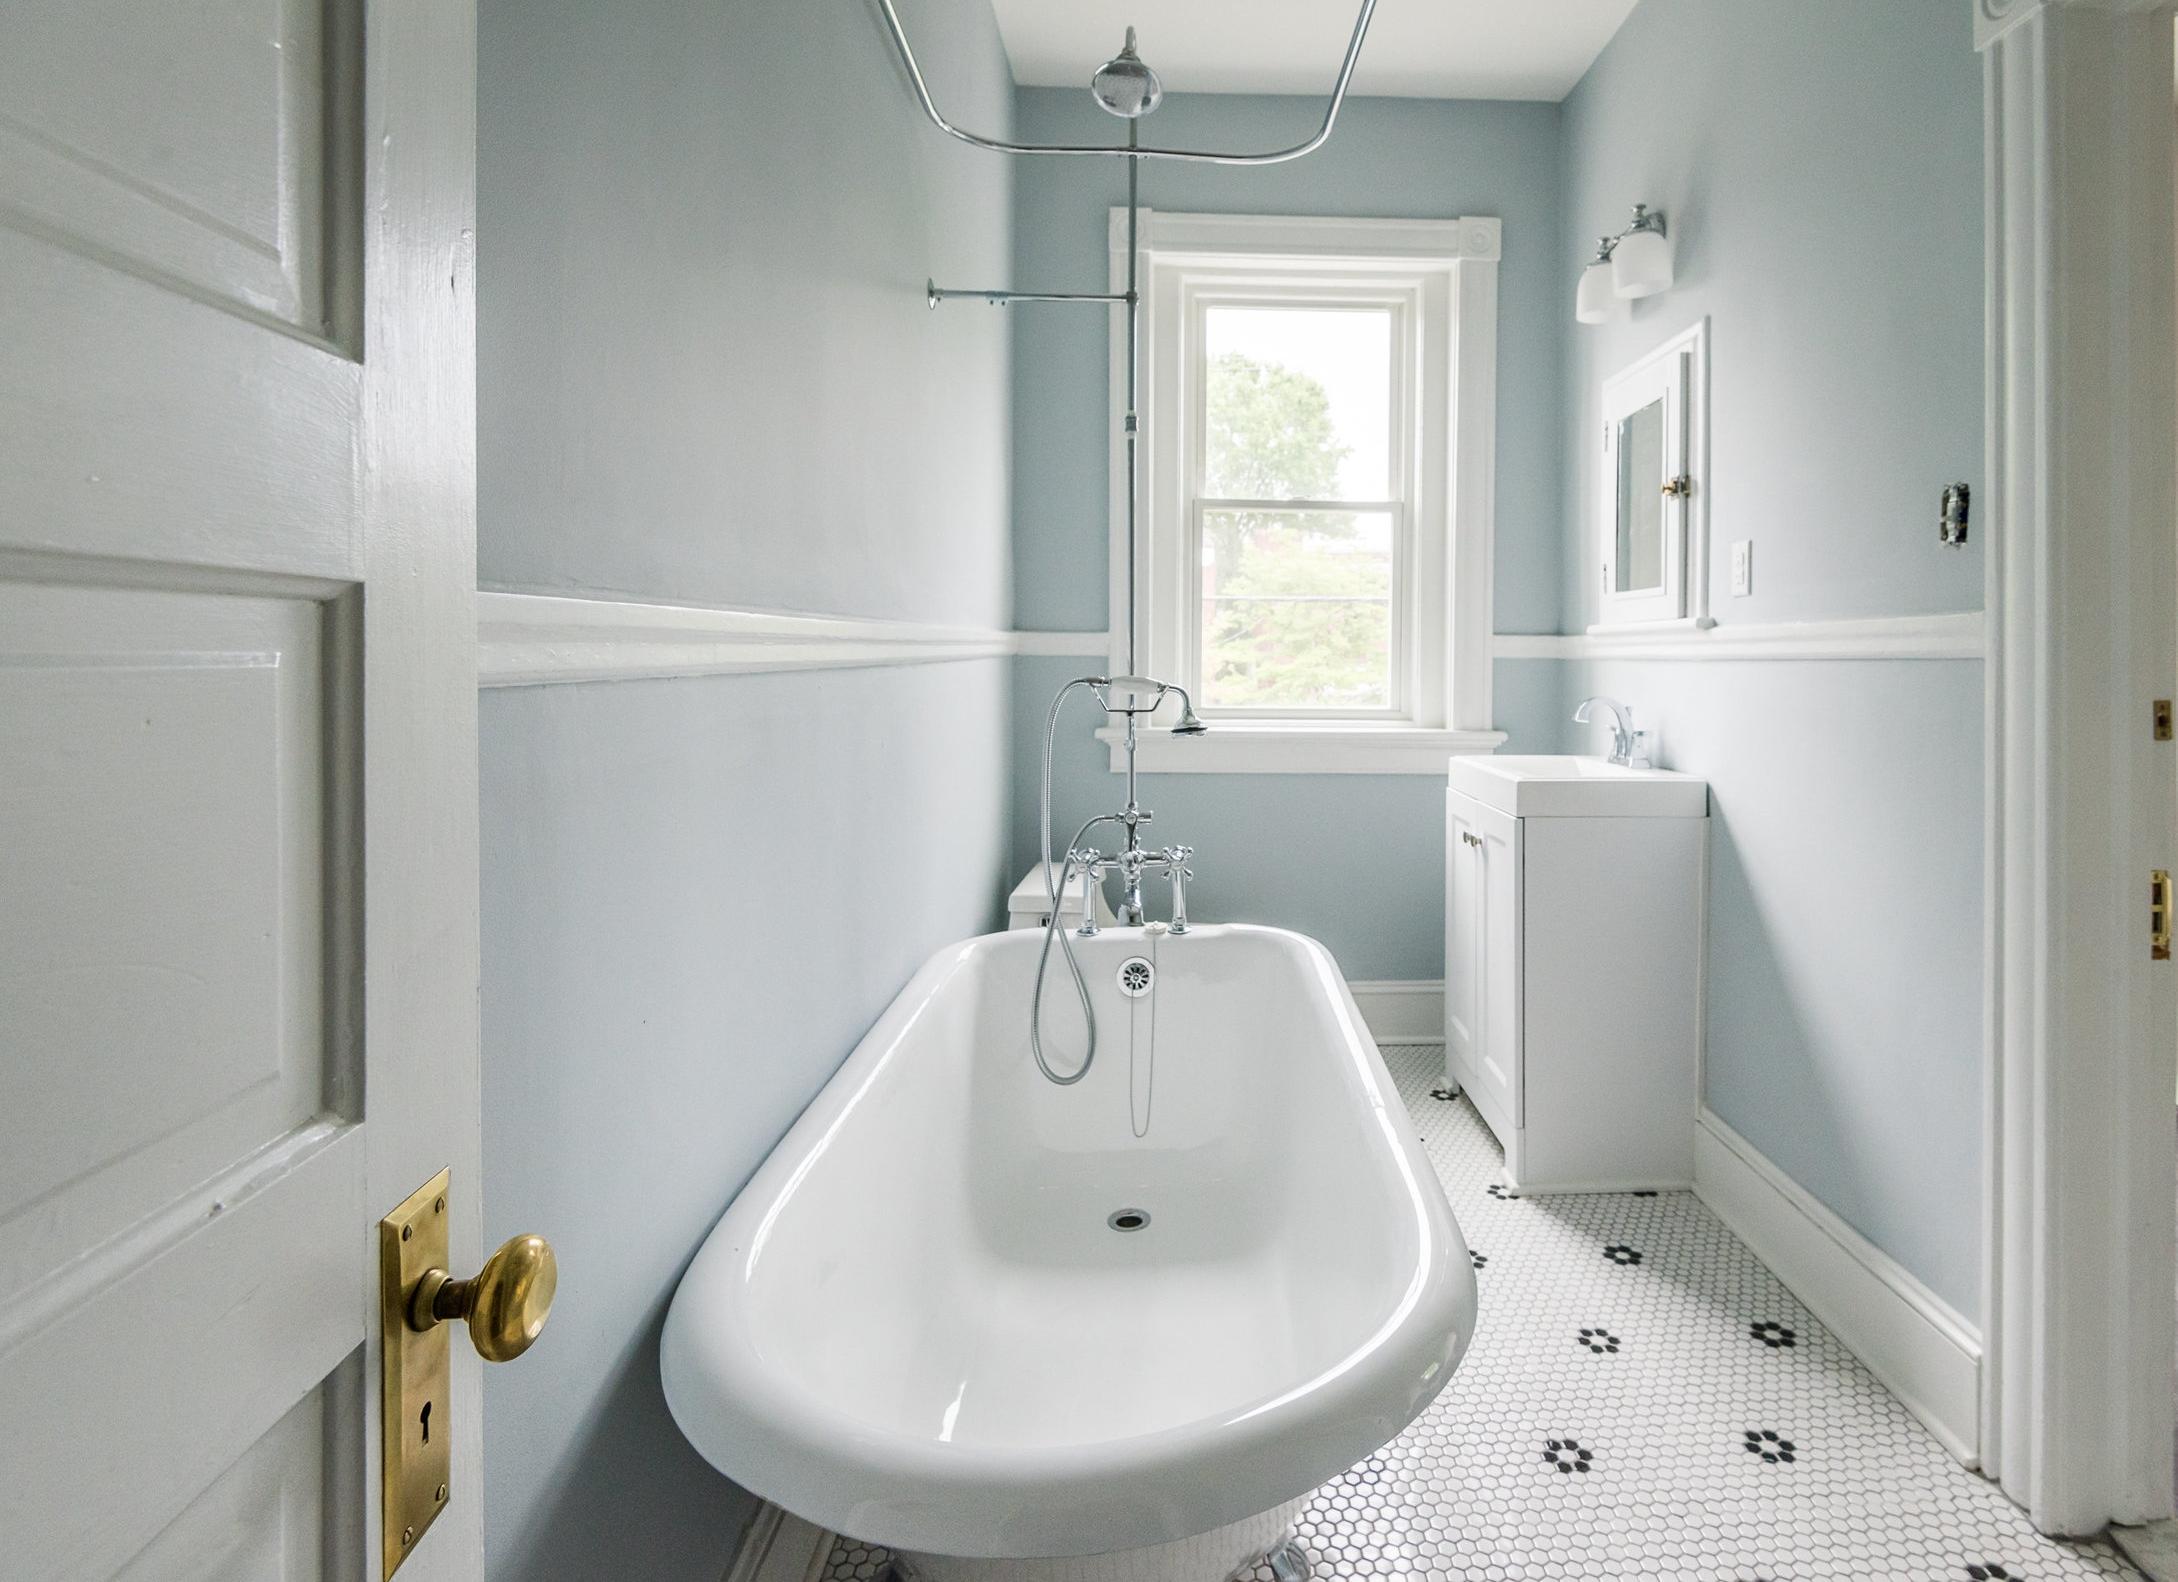 106a bathroom.jpg